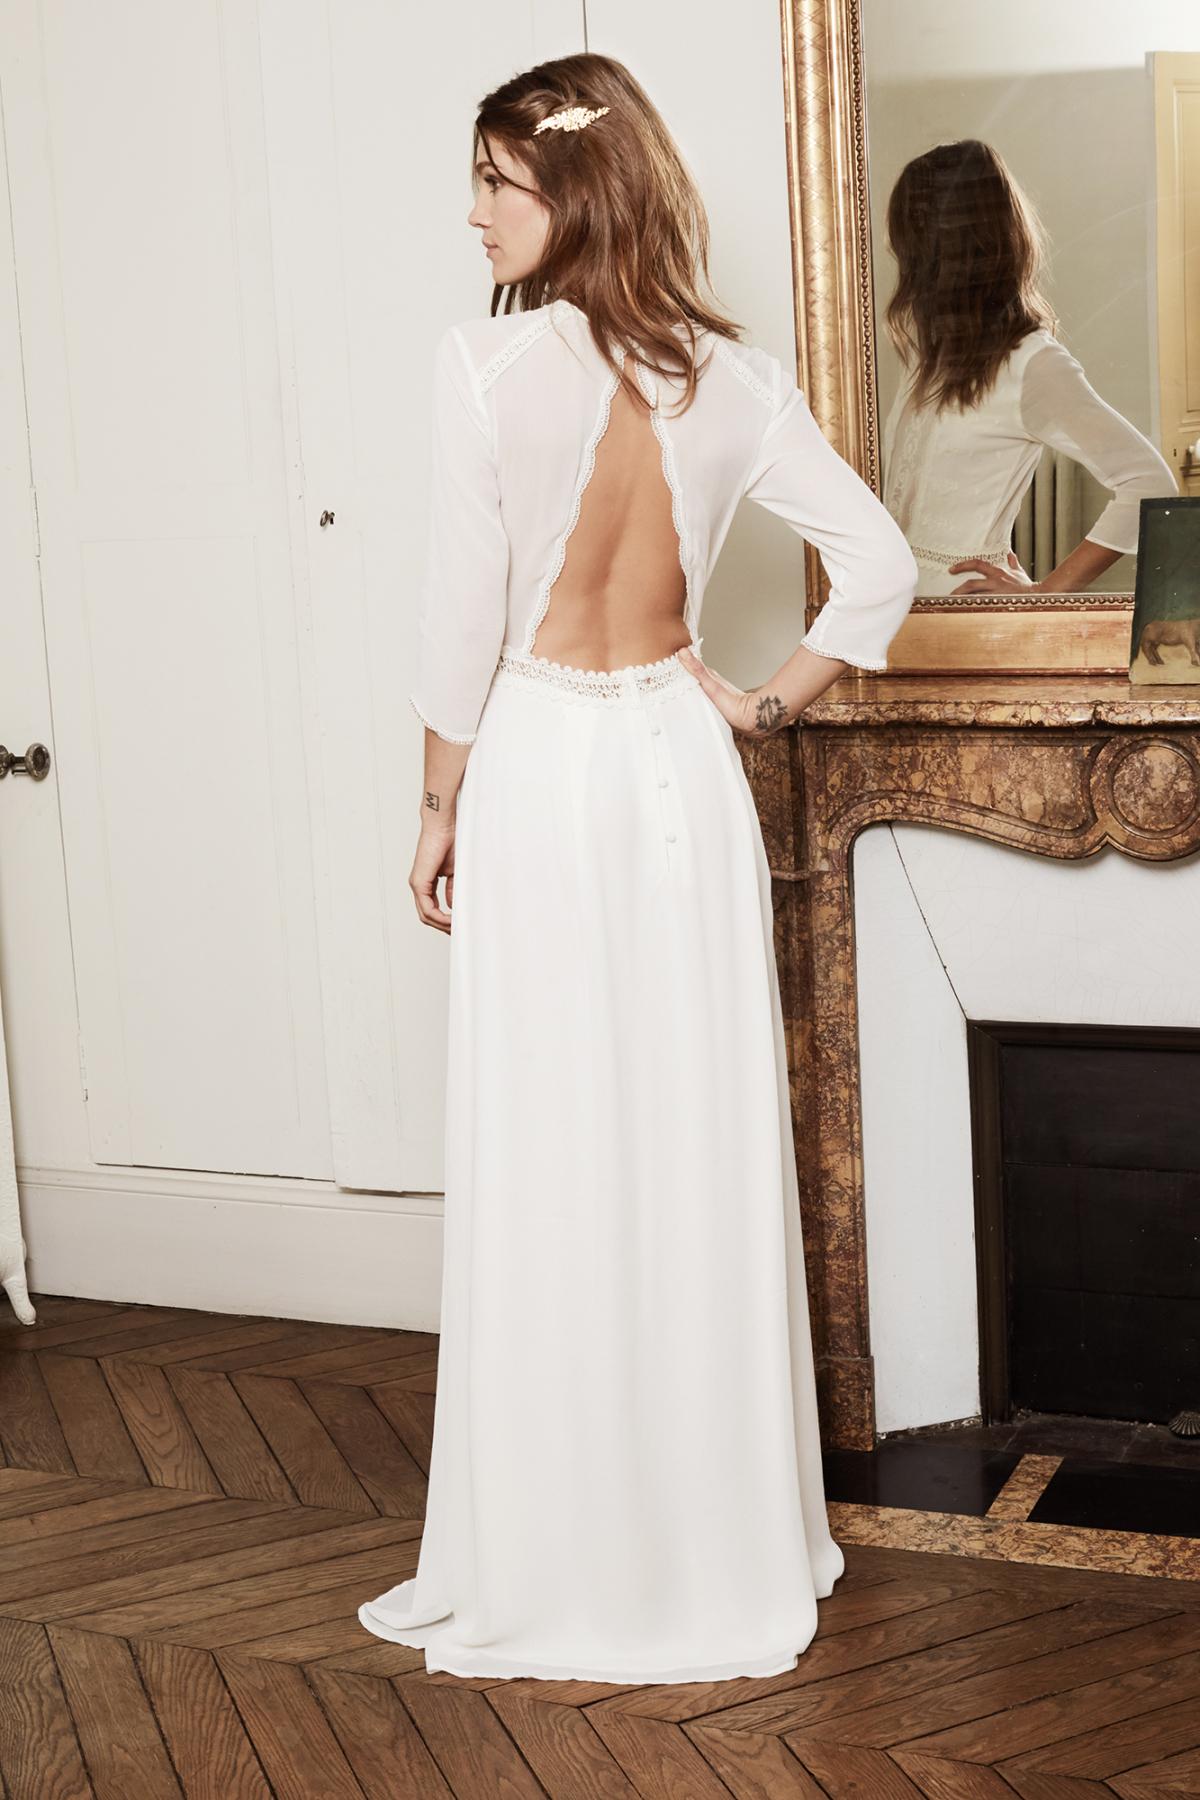 Mariage : découvrez notre sélection de robes de mariée à petit prix !